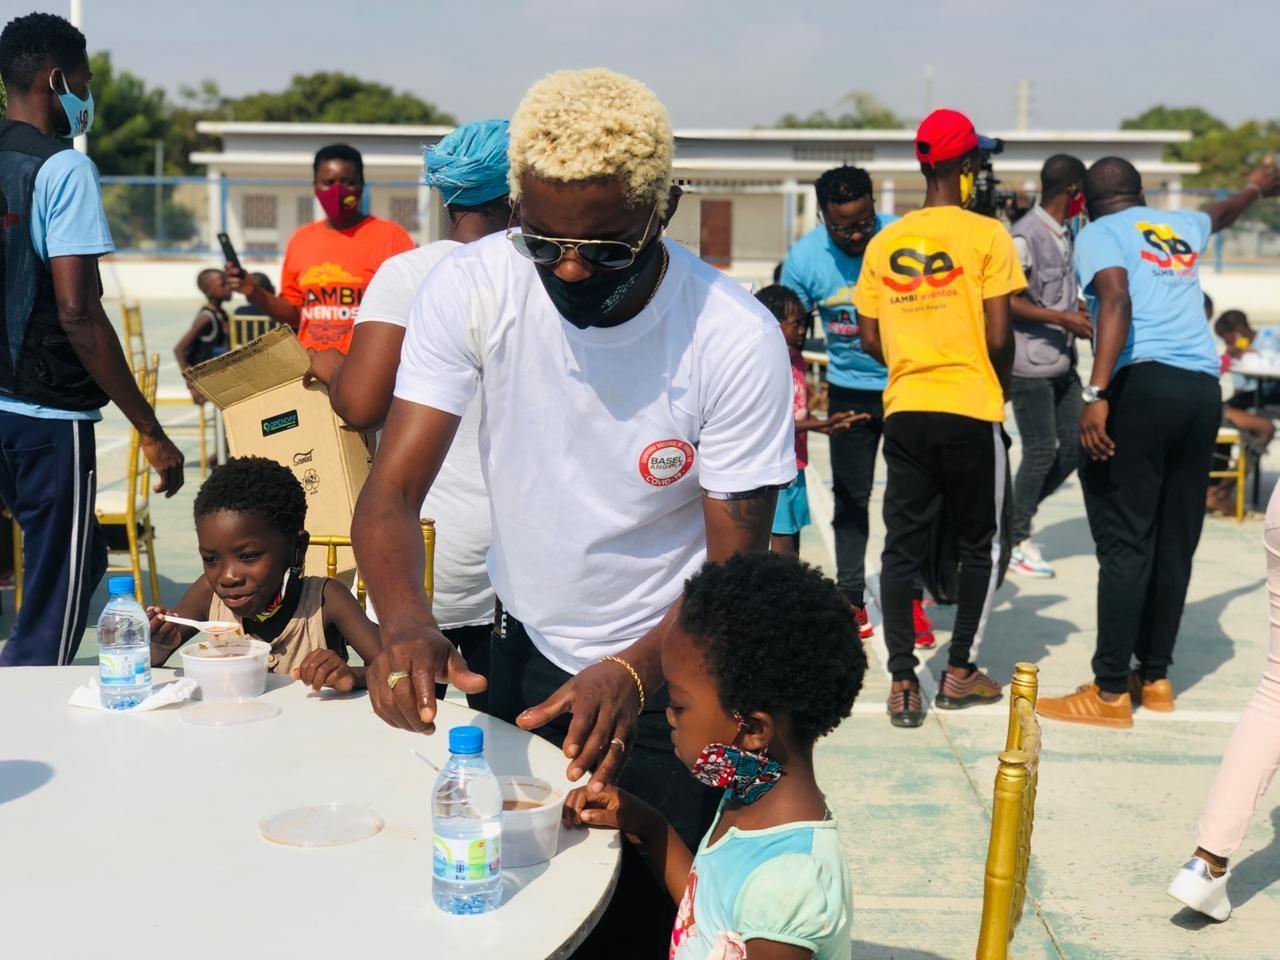 Lambas apoiam mais de 1.500 famílias em Luanda